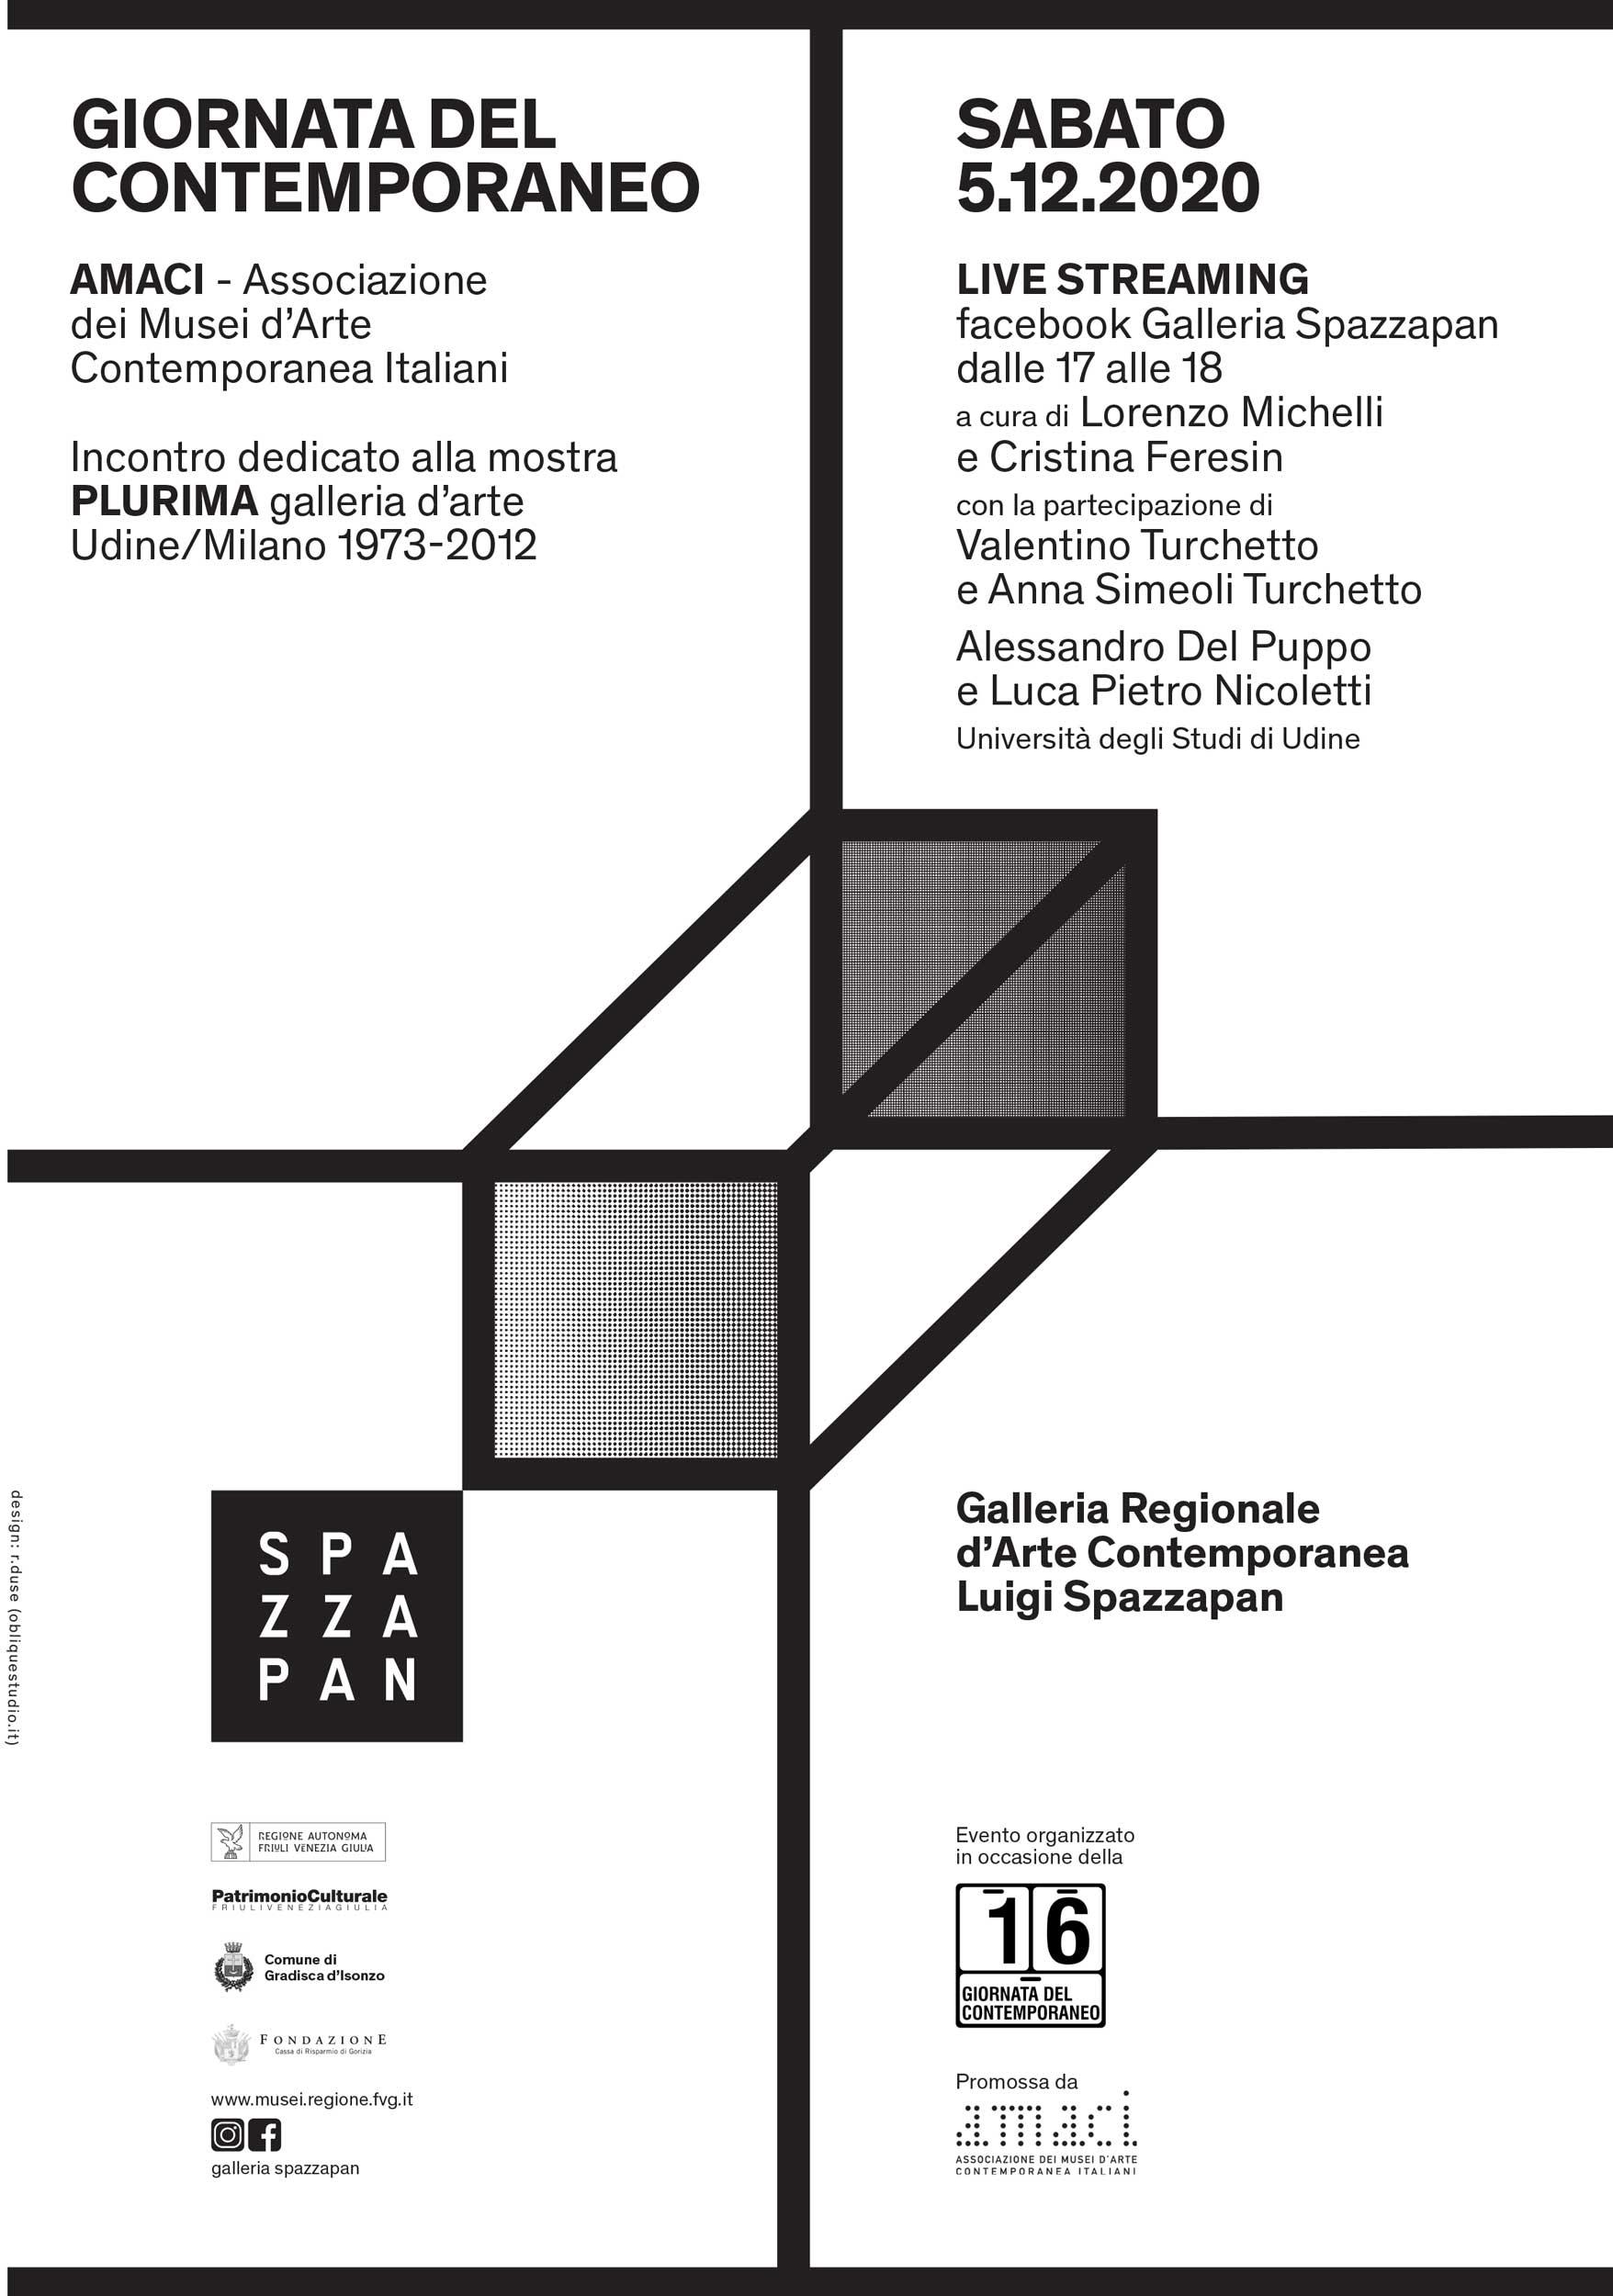 Giornata del Contemporaneo Galleria Spazzapan